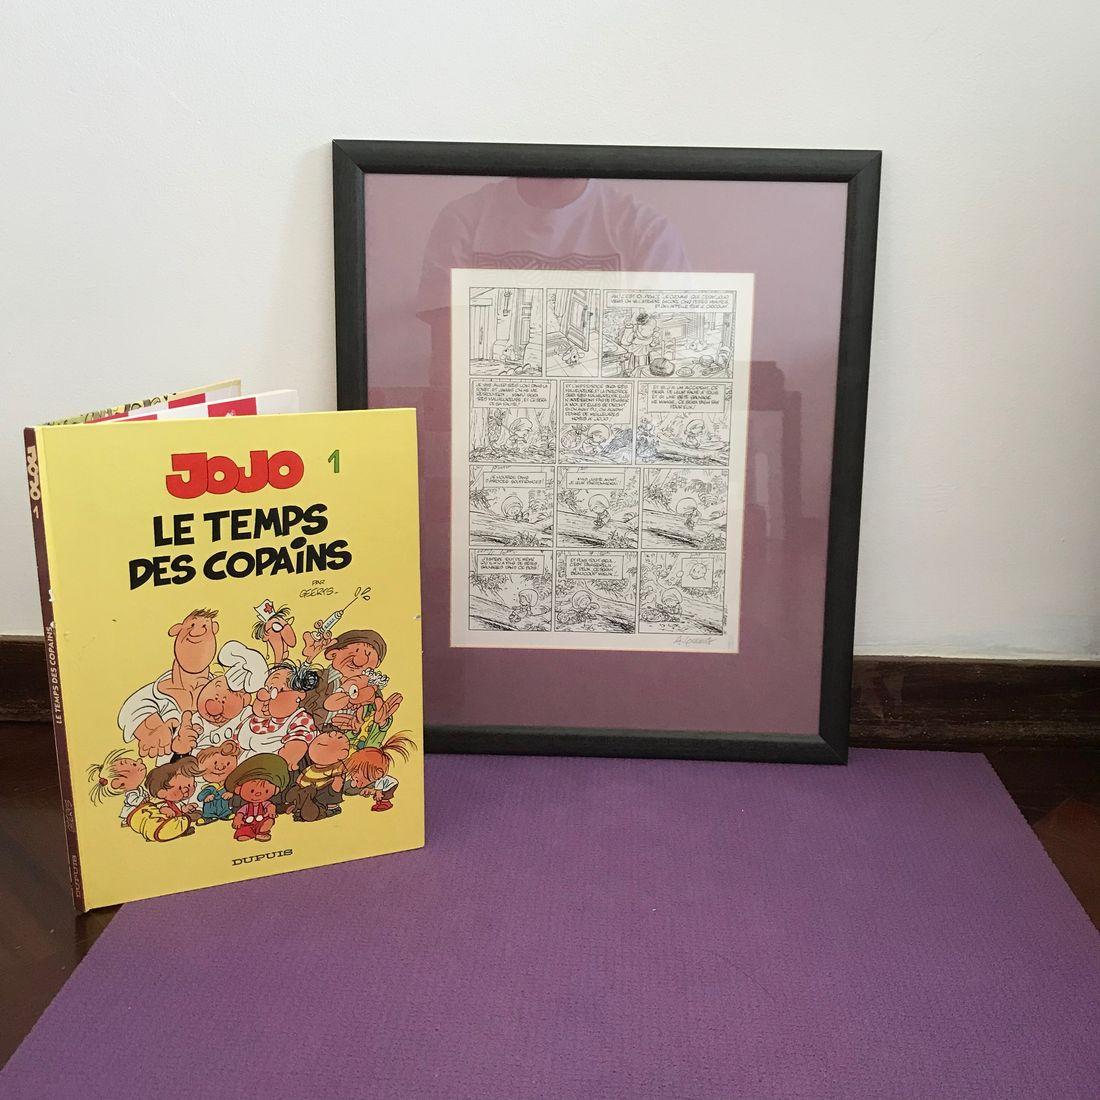 30 ans d'édition, par Sébastien Gnaedig, Chapitre 23 : Retour à Marcinelle. Jojo